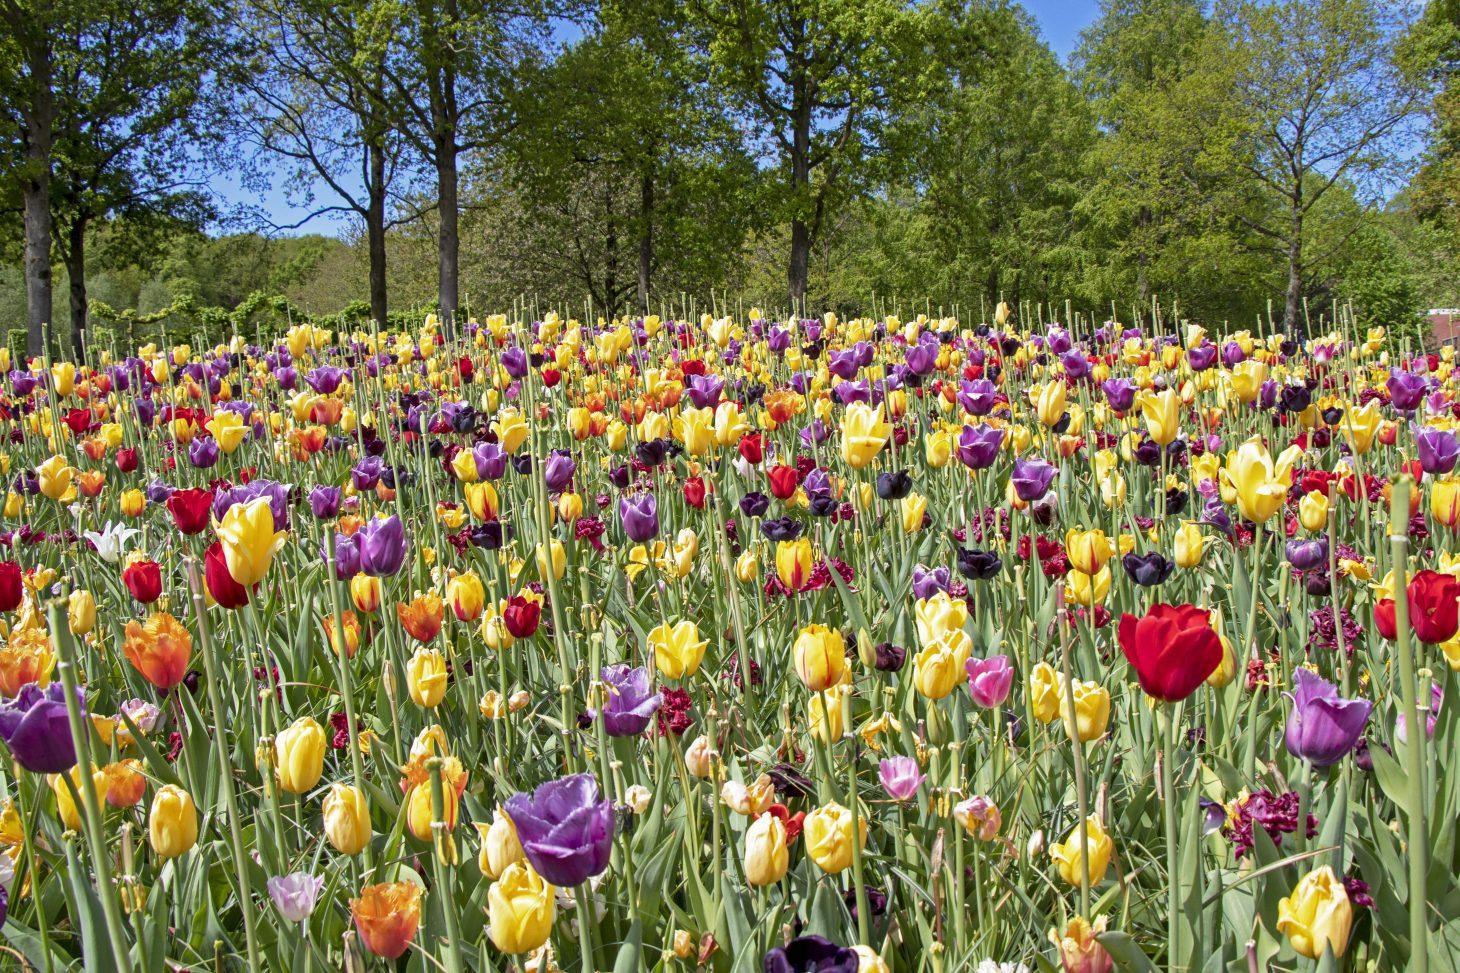 Tulips at Keukenhof, Lisse, Netherlands